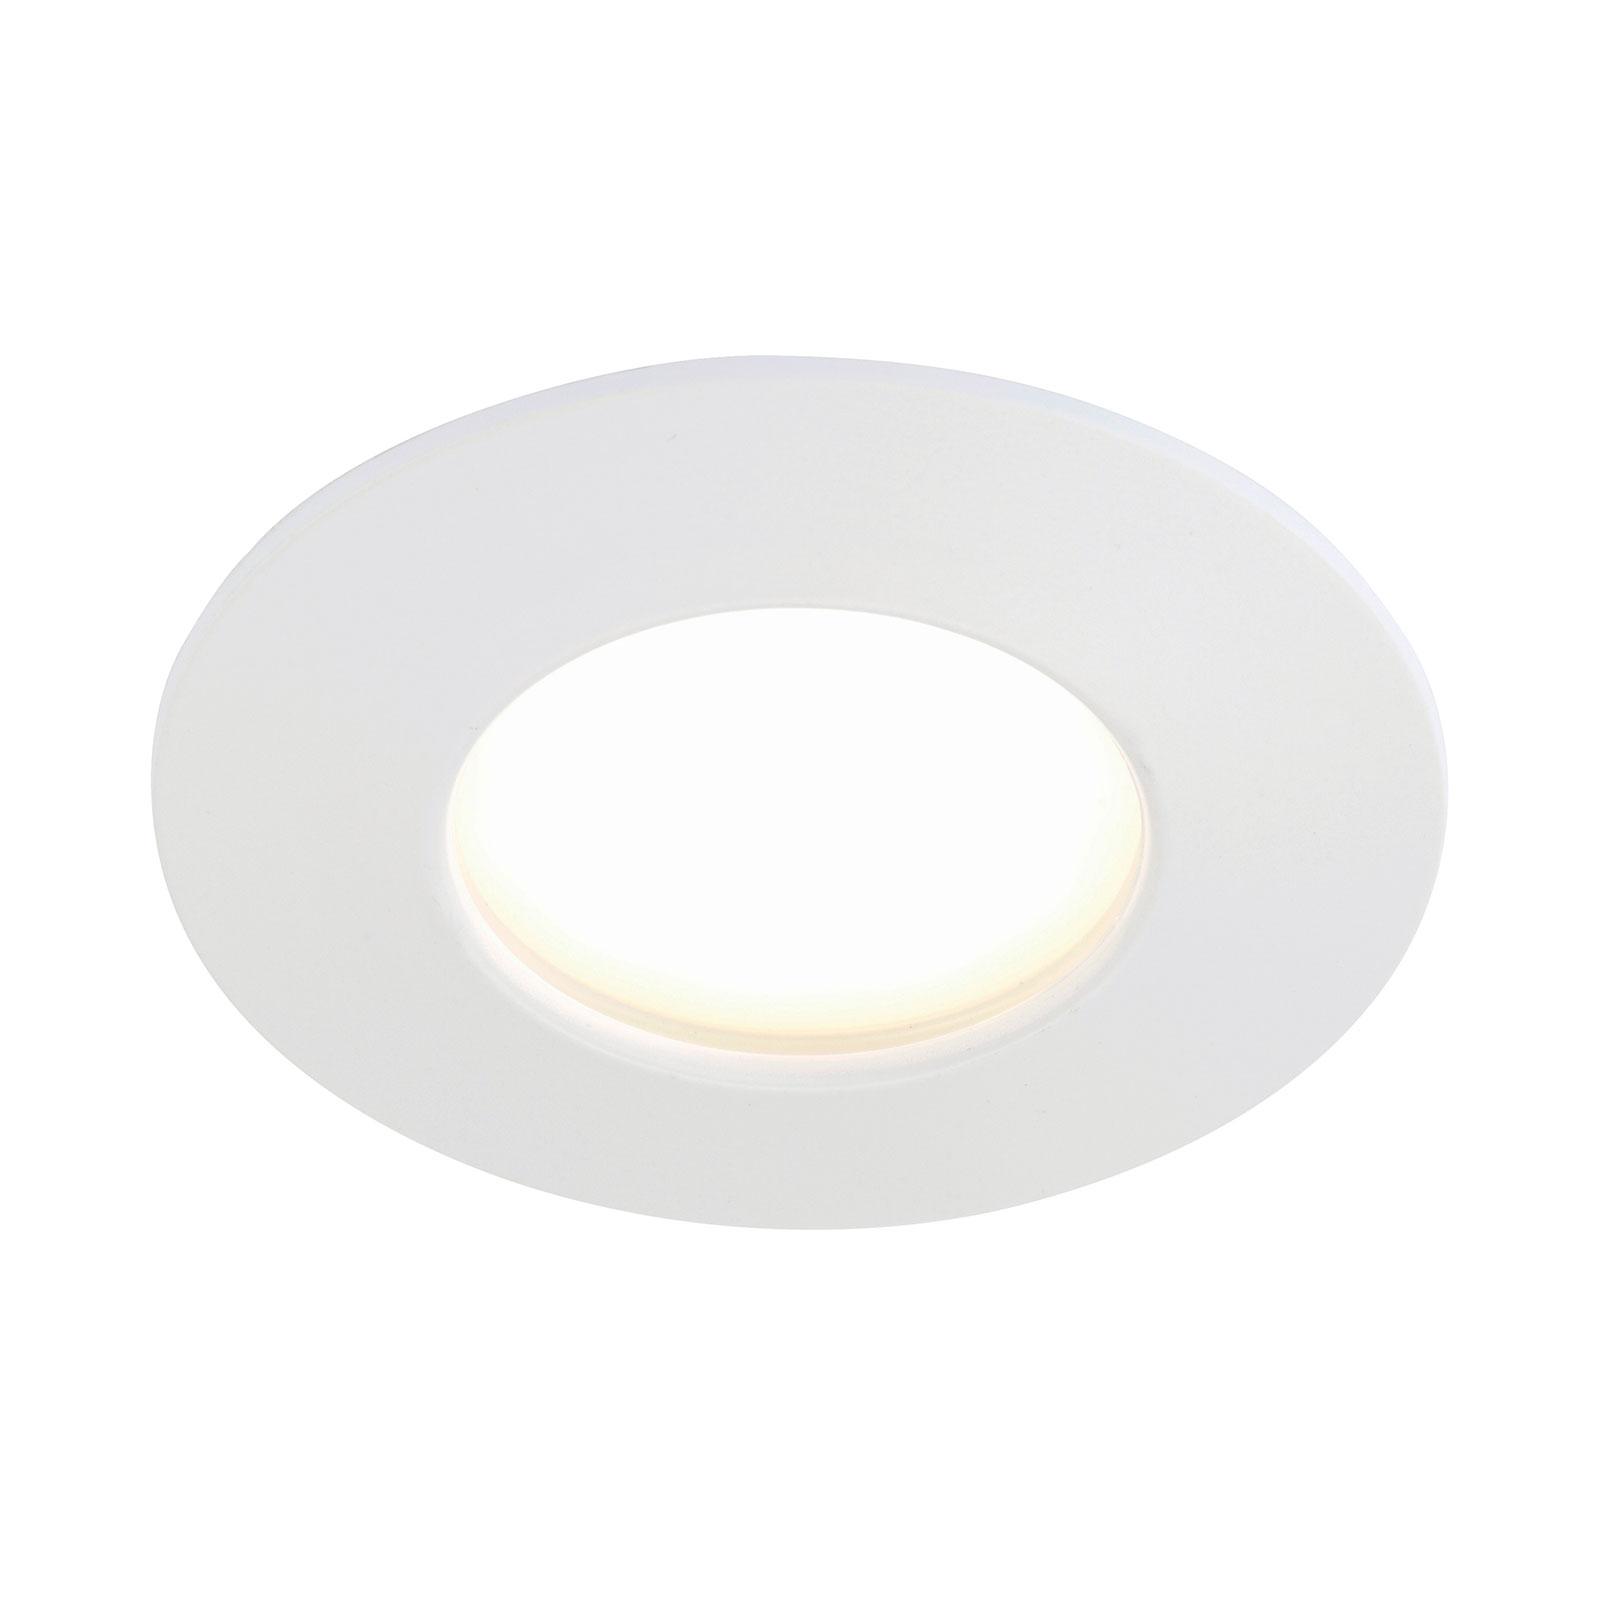 Witte LED inbouwlamp Till voor buitenshuis